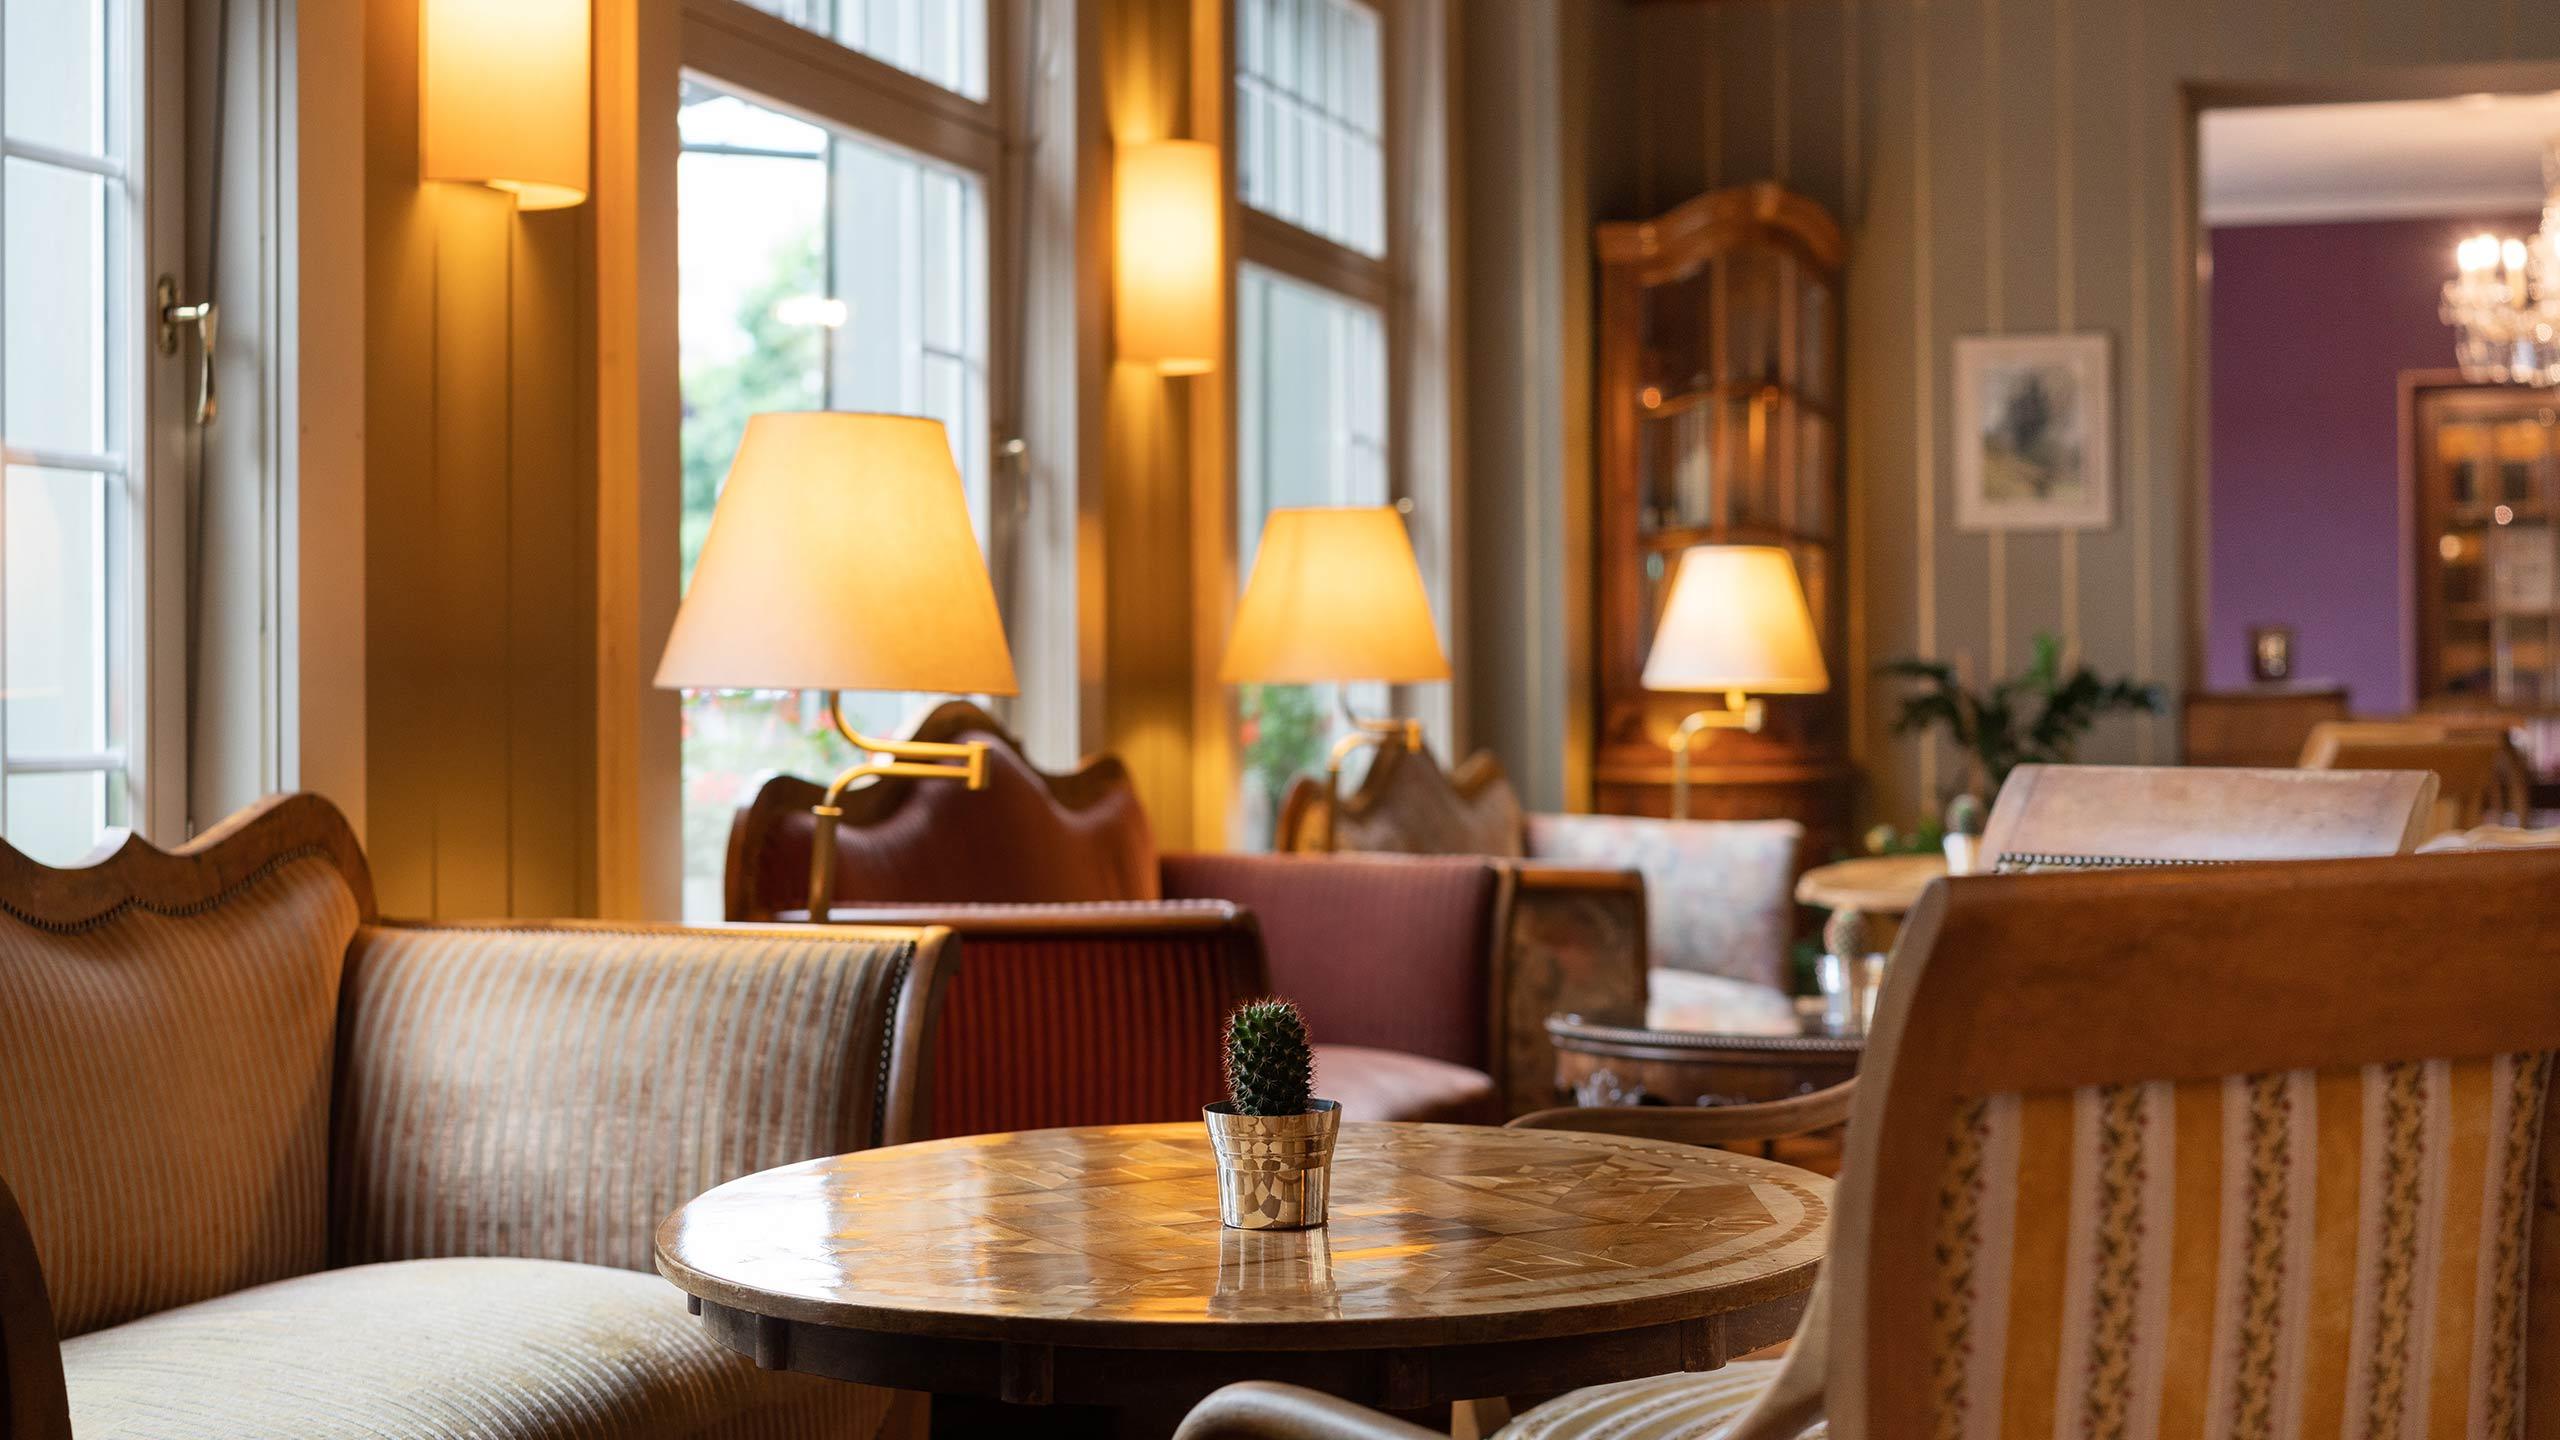 hotel-krebs-salon-tisch-sofa-ambiente.jpg